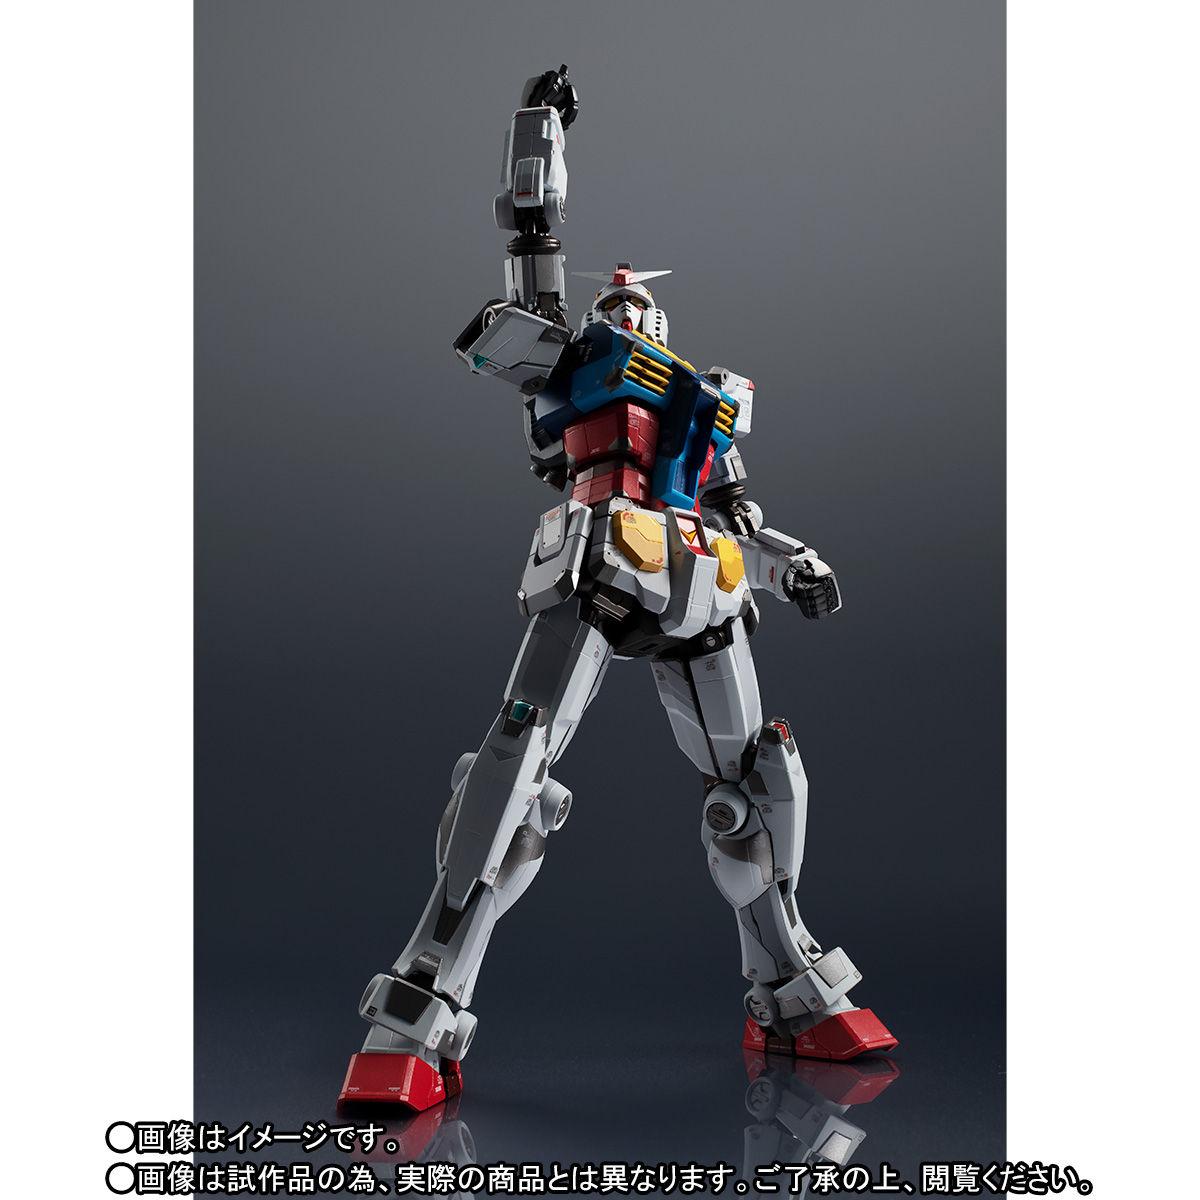 【限定販売】超合金×GUNDAM FACTORY YOKOHAMA『RX-78F00 GUNDAM』可動フィギュア-005